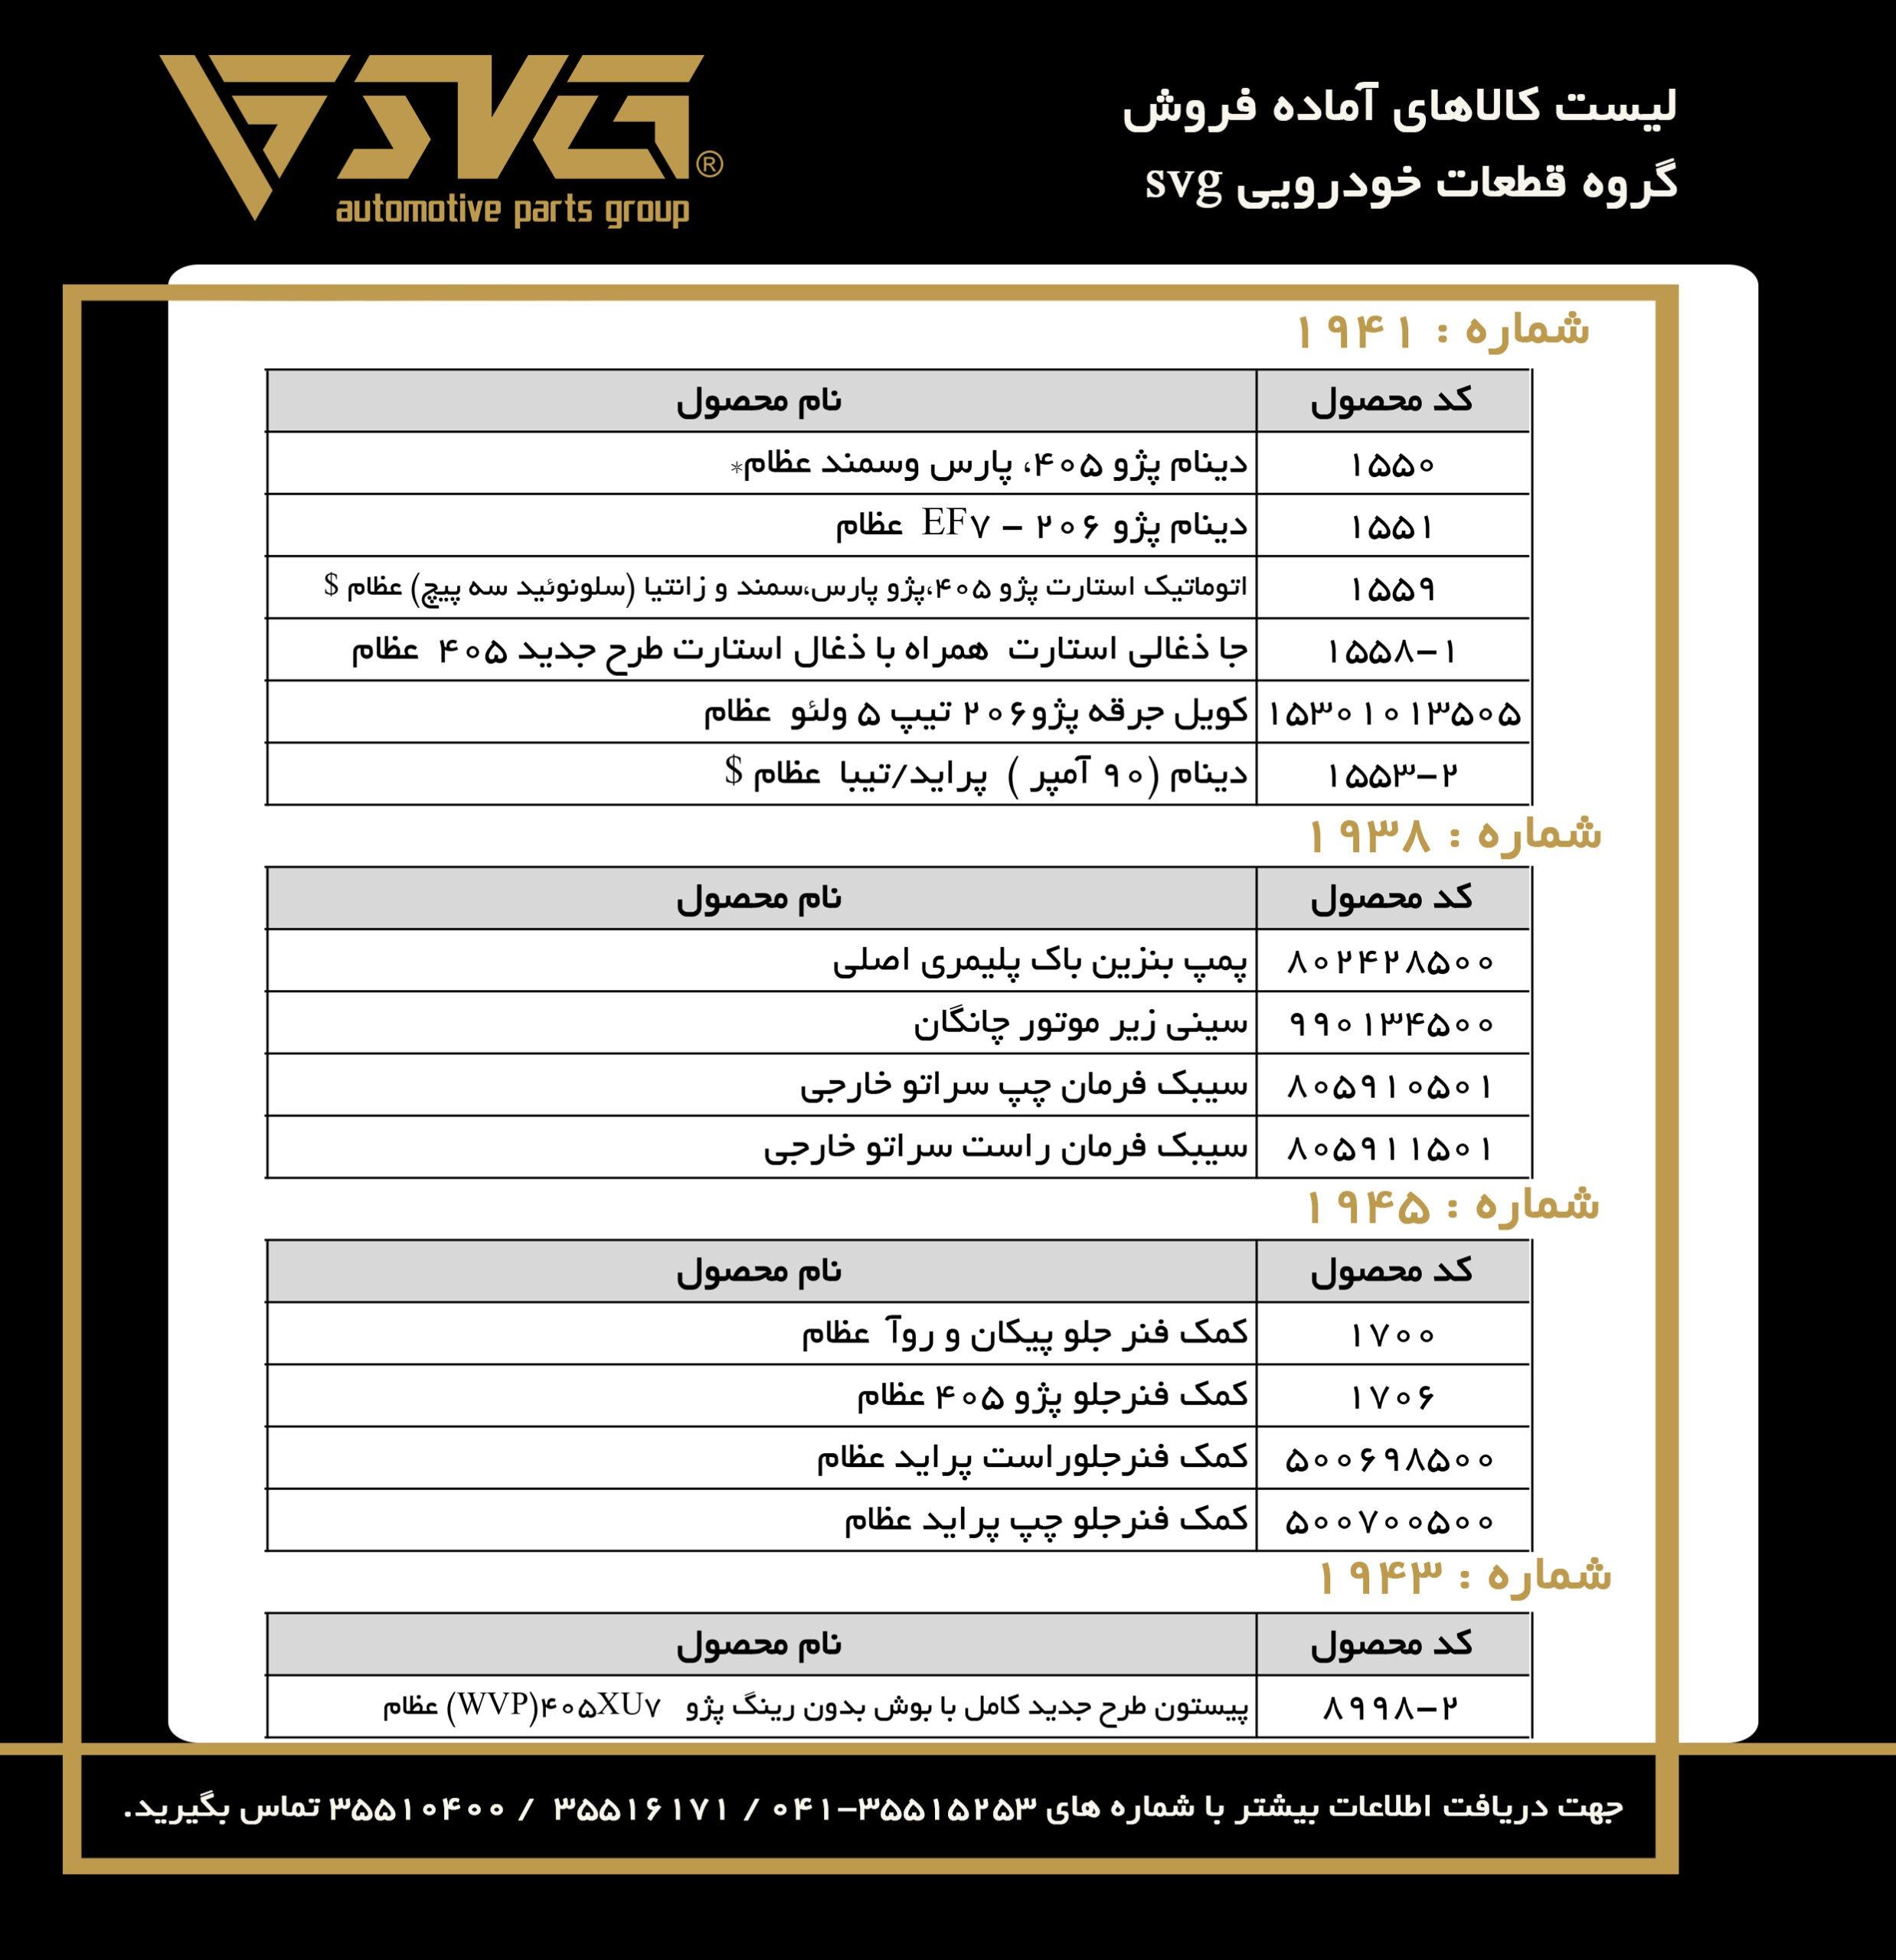 آماده فروش 27 بهمن 99